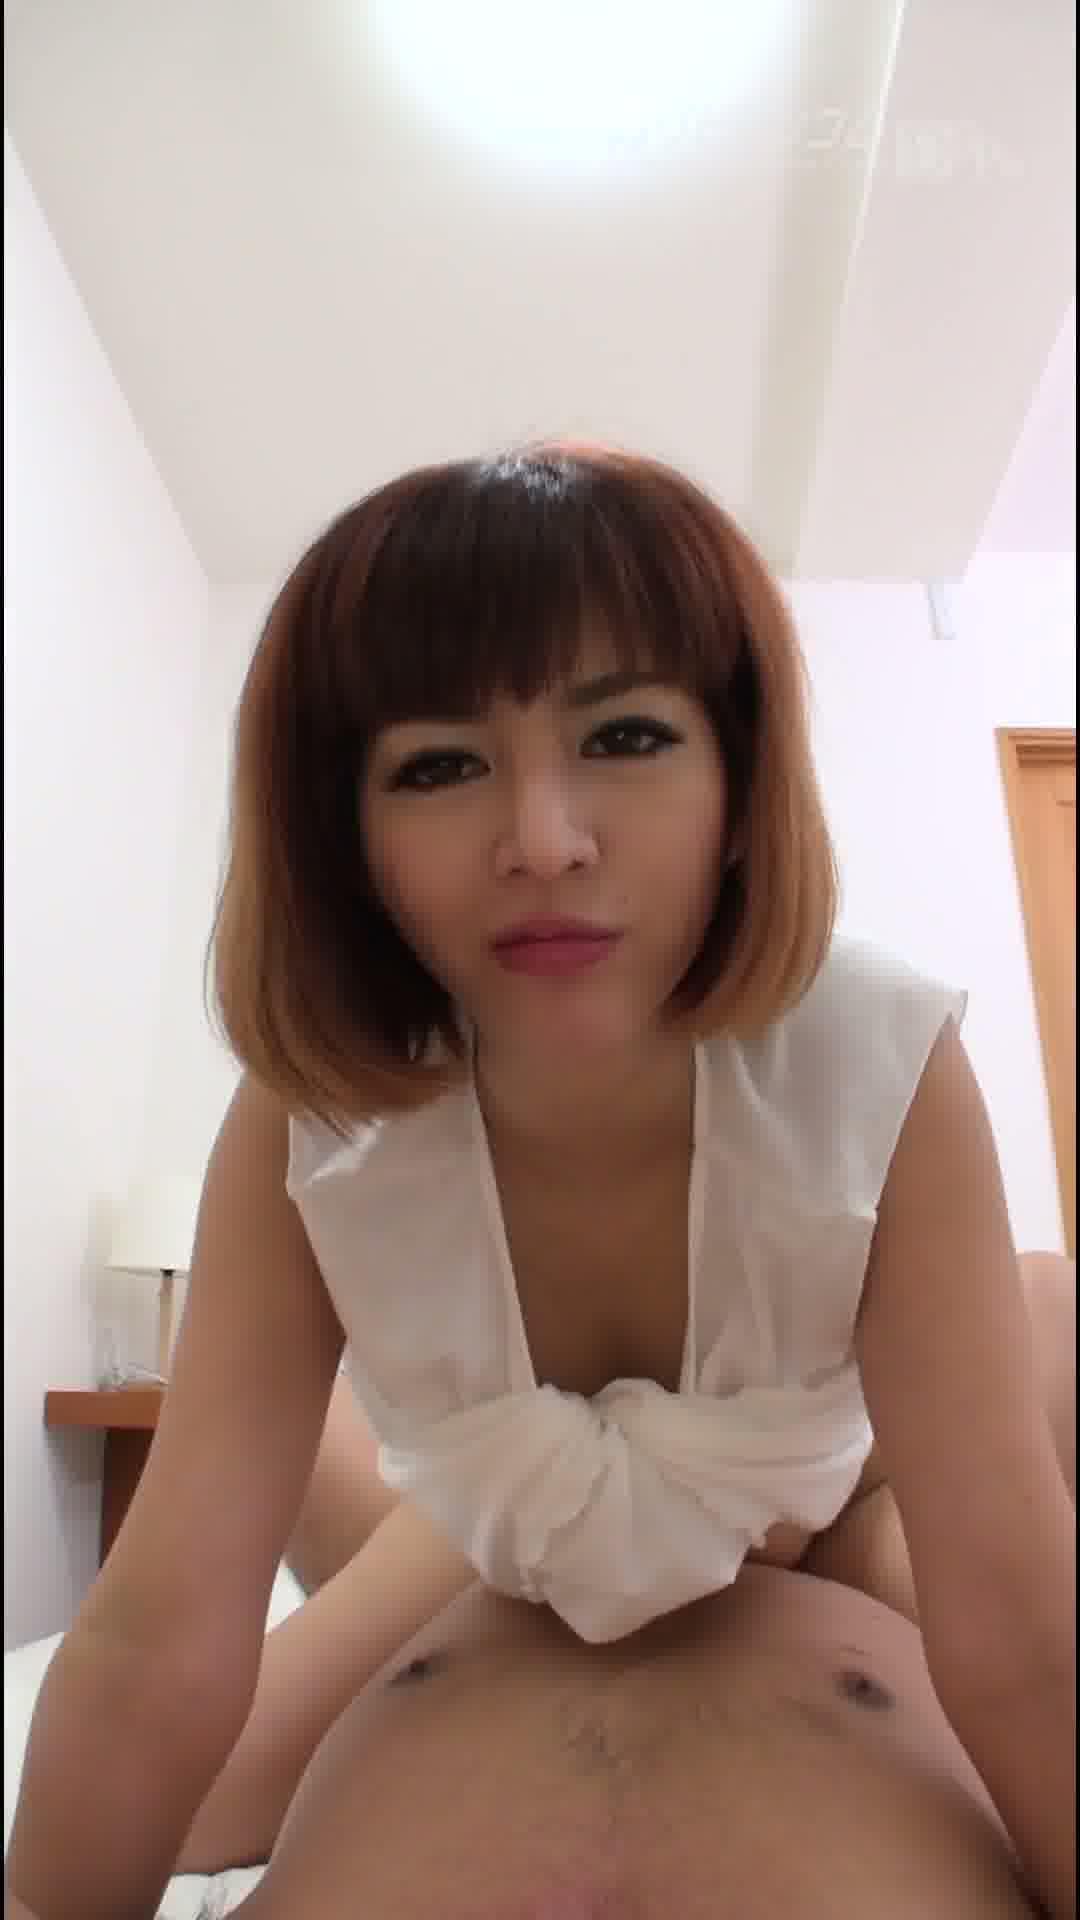 縦型動画 001 ~麻生希のハメ撮り~ - 麻生希【スレンダー・巨乳・中出し】